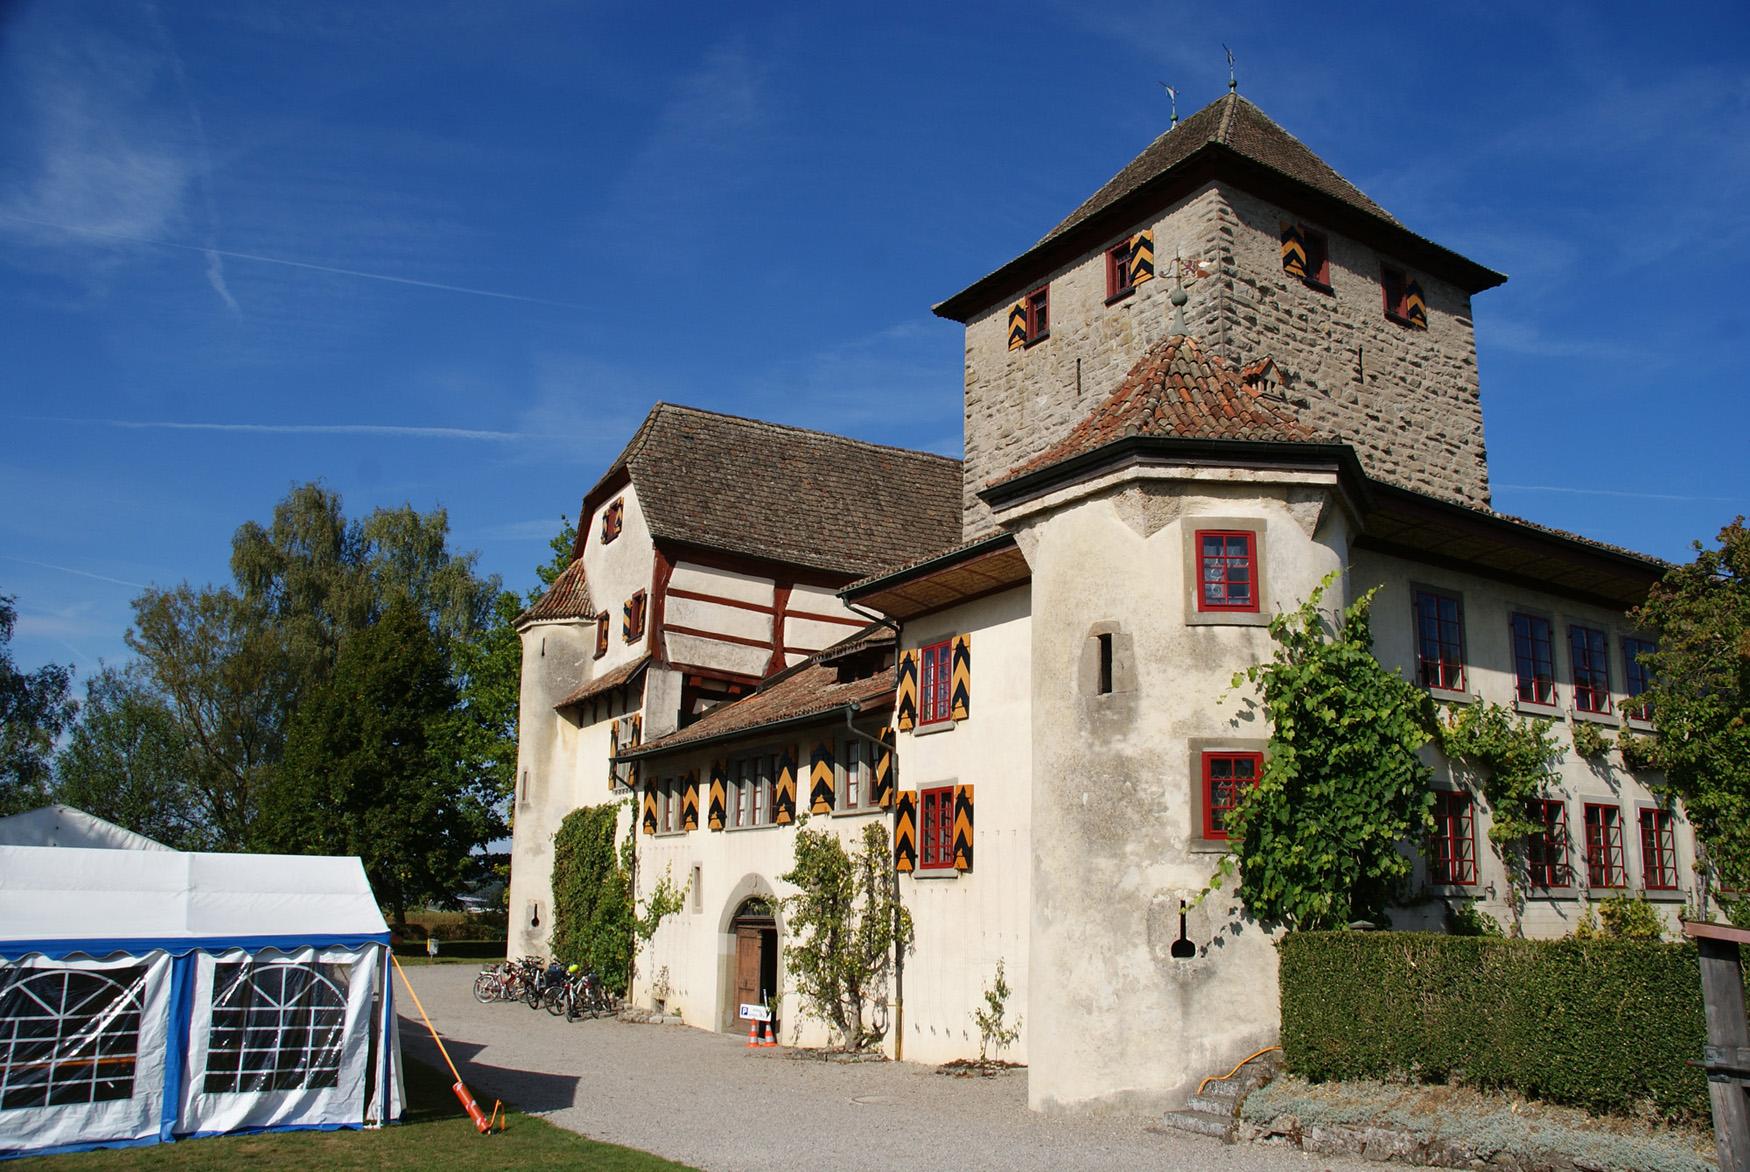 Farbenfest Schloss Hegi 12.9.15